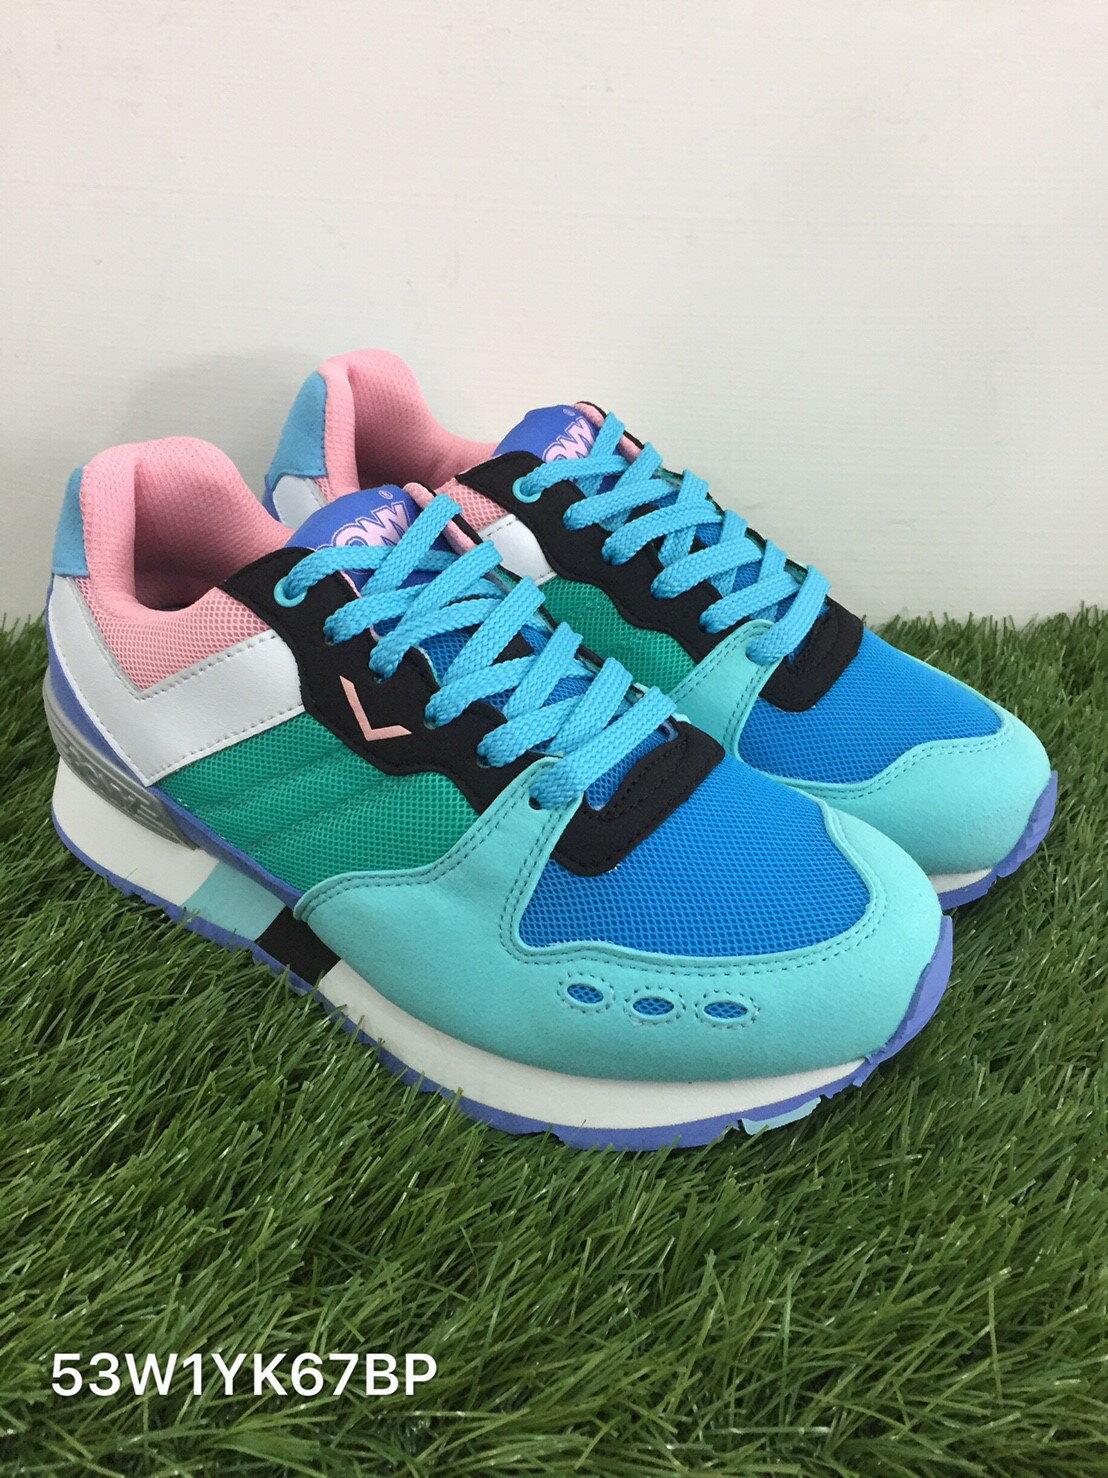 《超值990》Shoestw【53W1YK67BP】PONY YORK 復古慢跑鞋 內增高 藍綠 增高鞋 女生